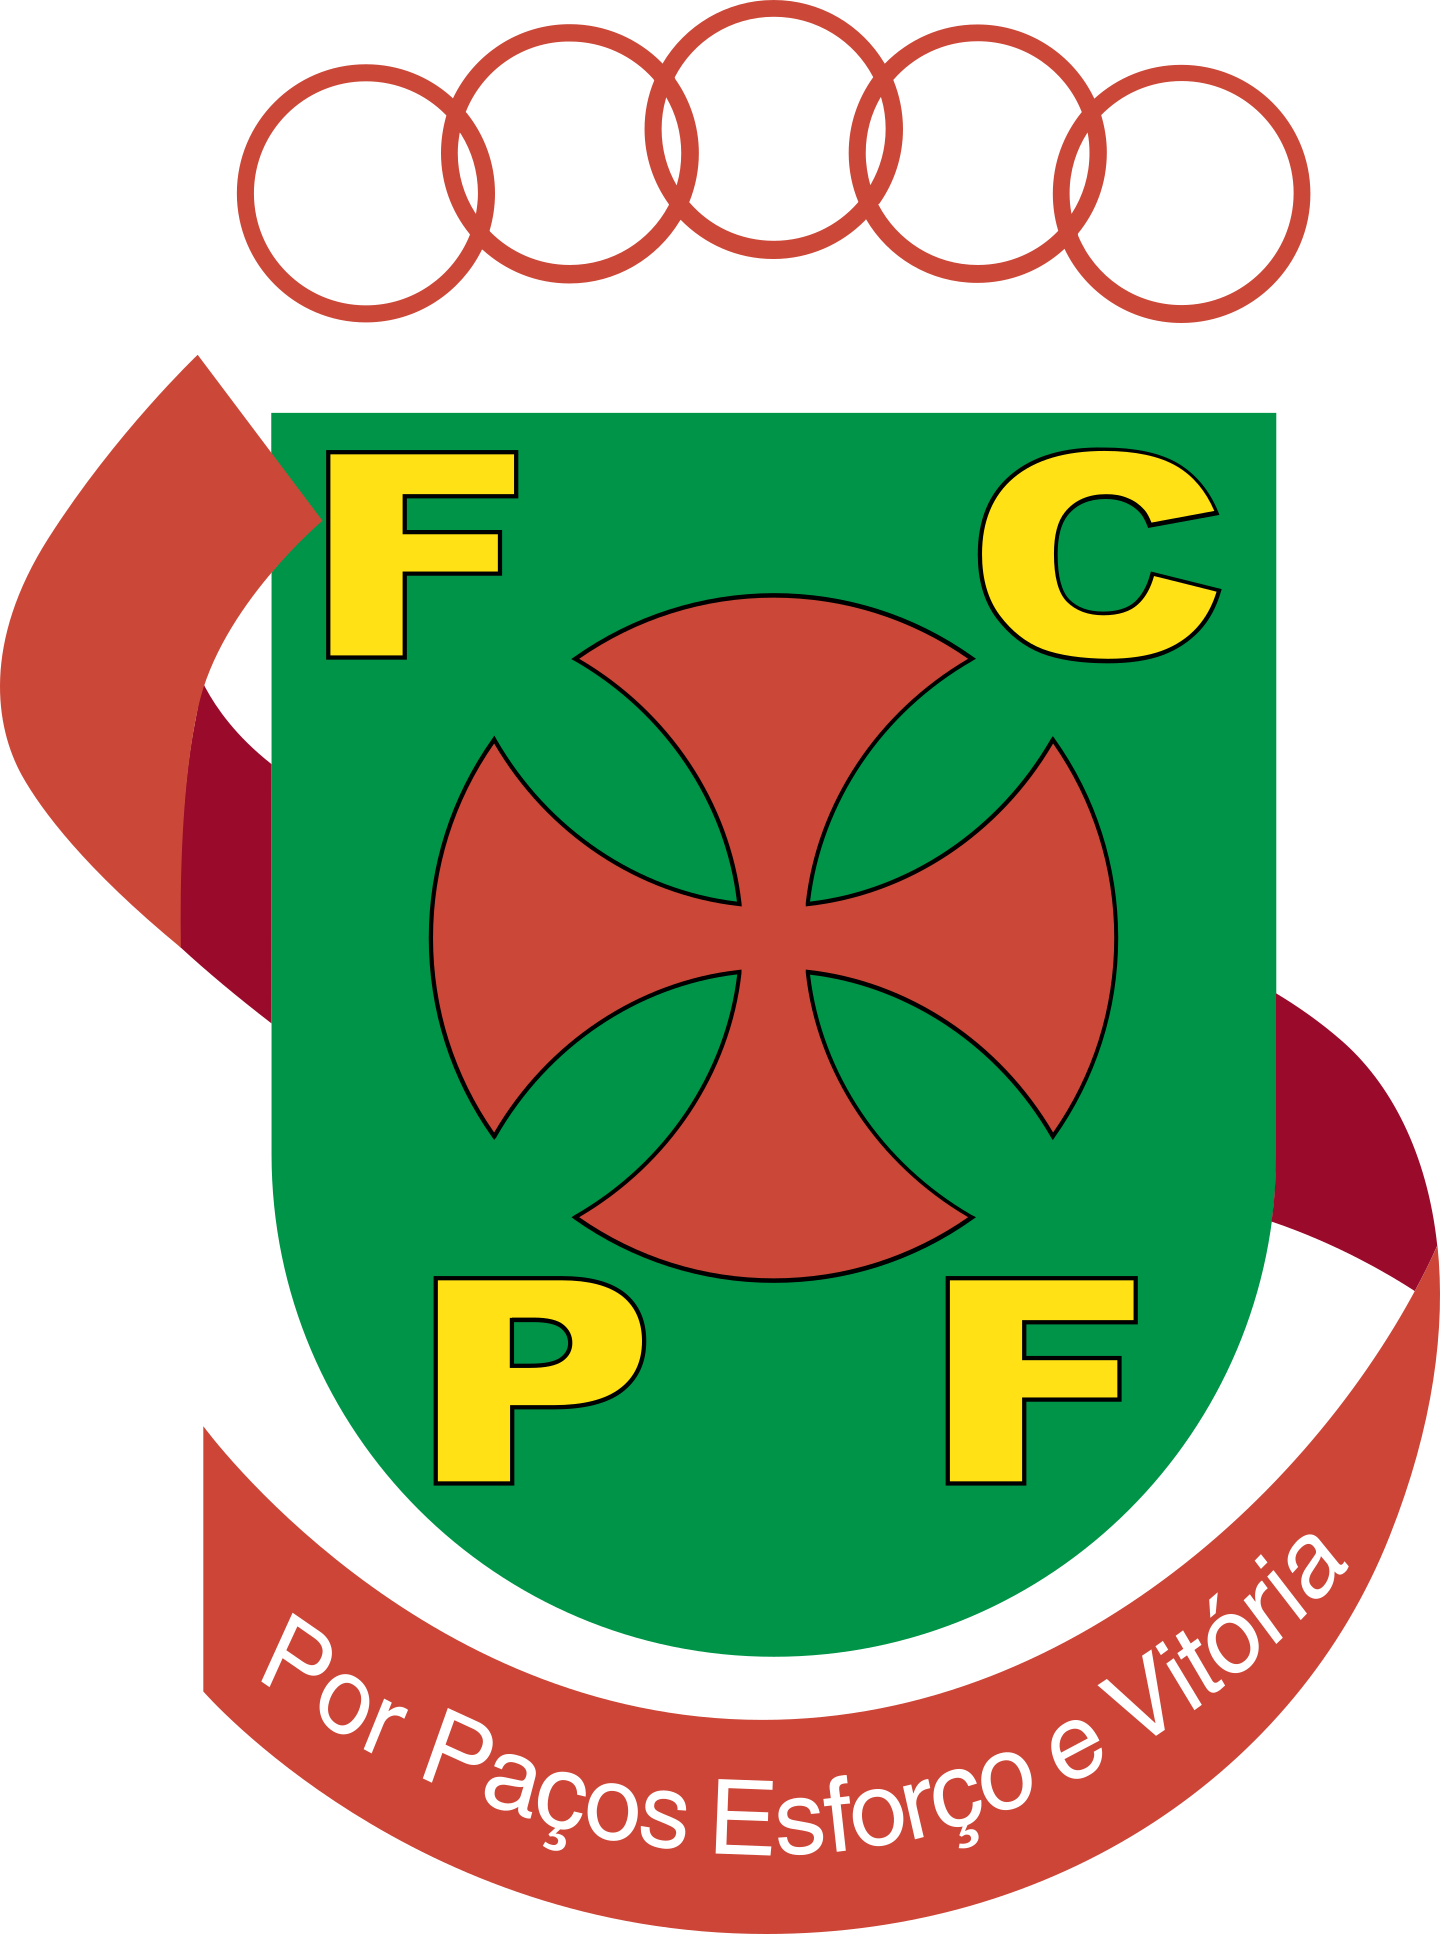 fc pacos de ferreira logo 2 - FC Paços de Ferreira Logo